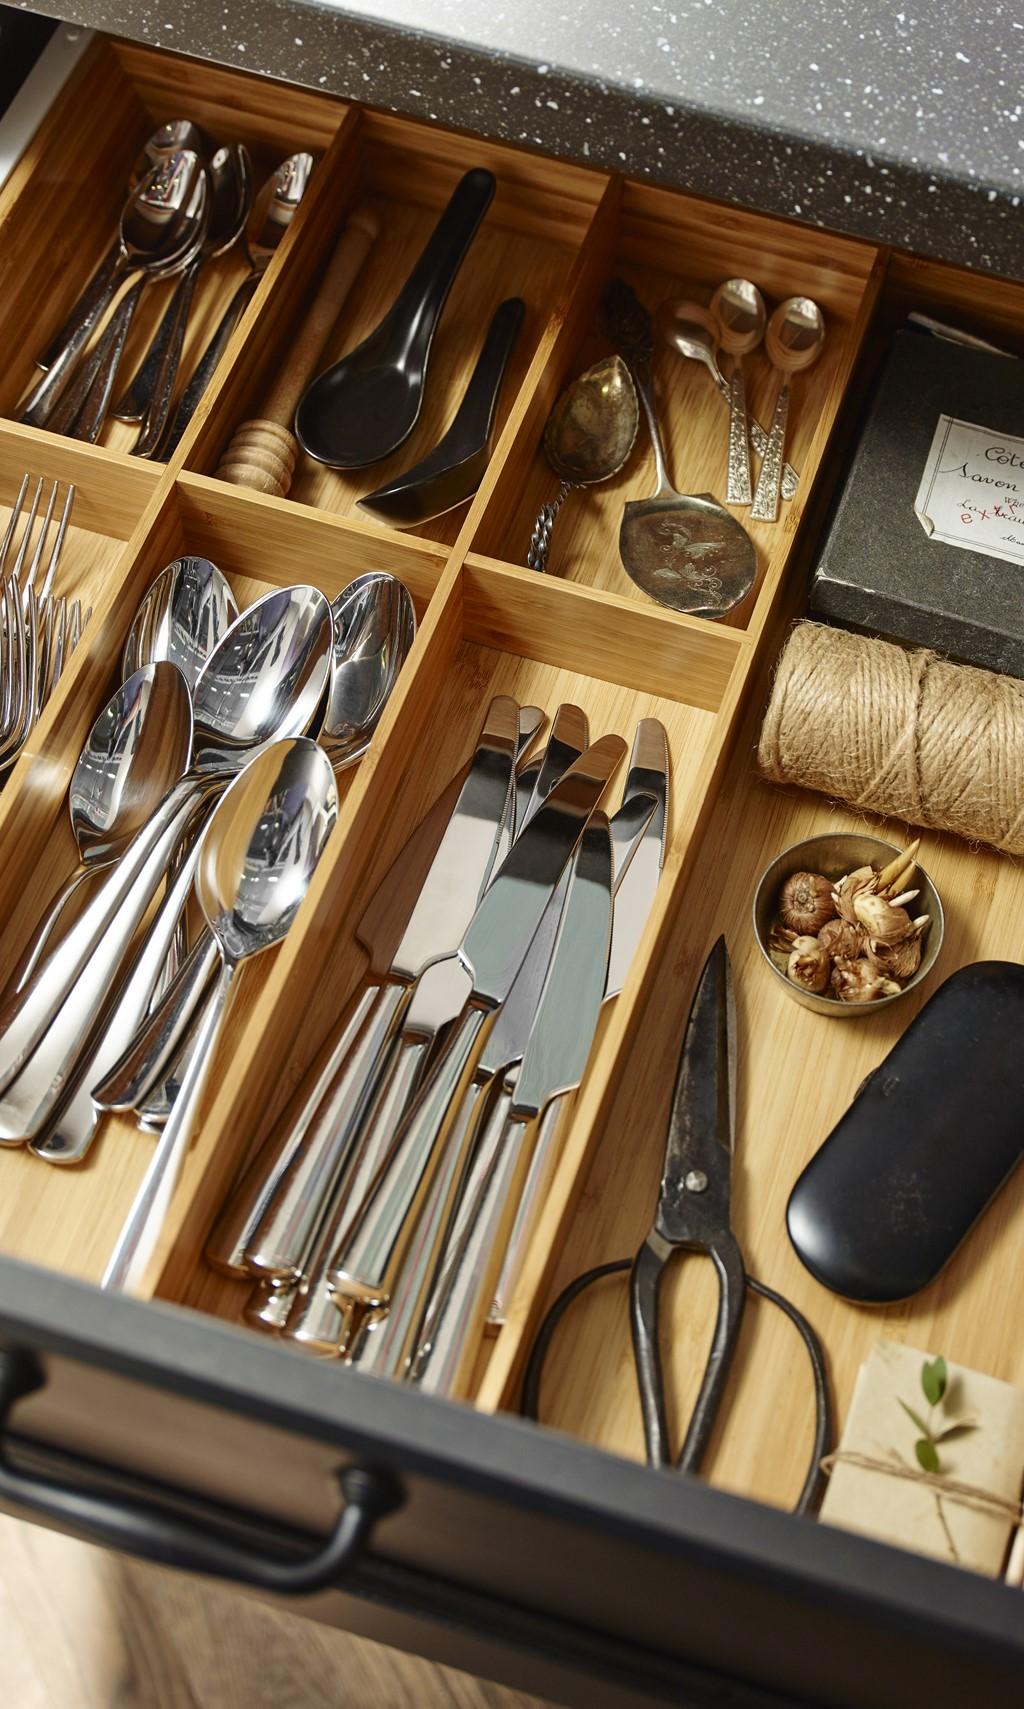 Ikea Kleiderschrank Qualität ~ en una cocina son tenedores, cucharas y cuchillos, las cajas VARIERA